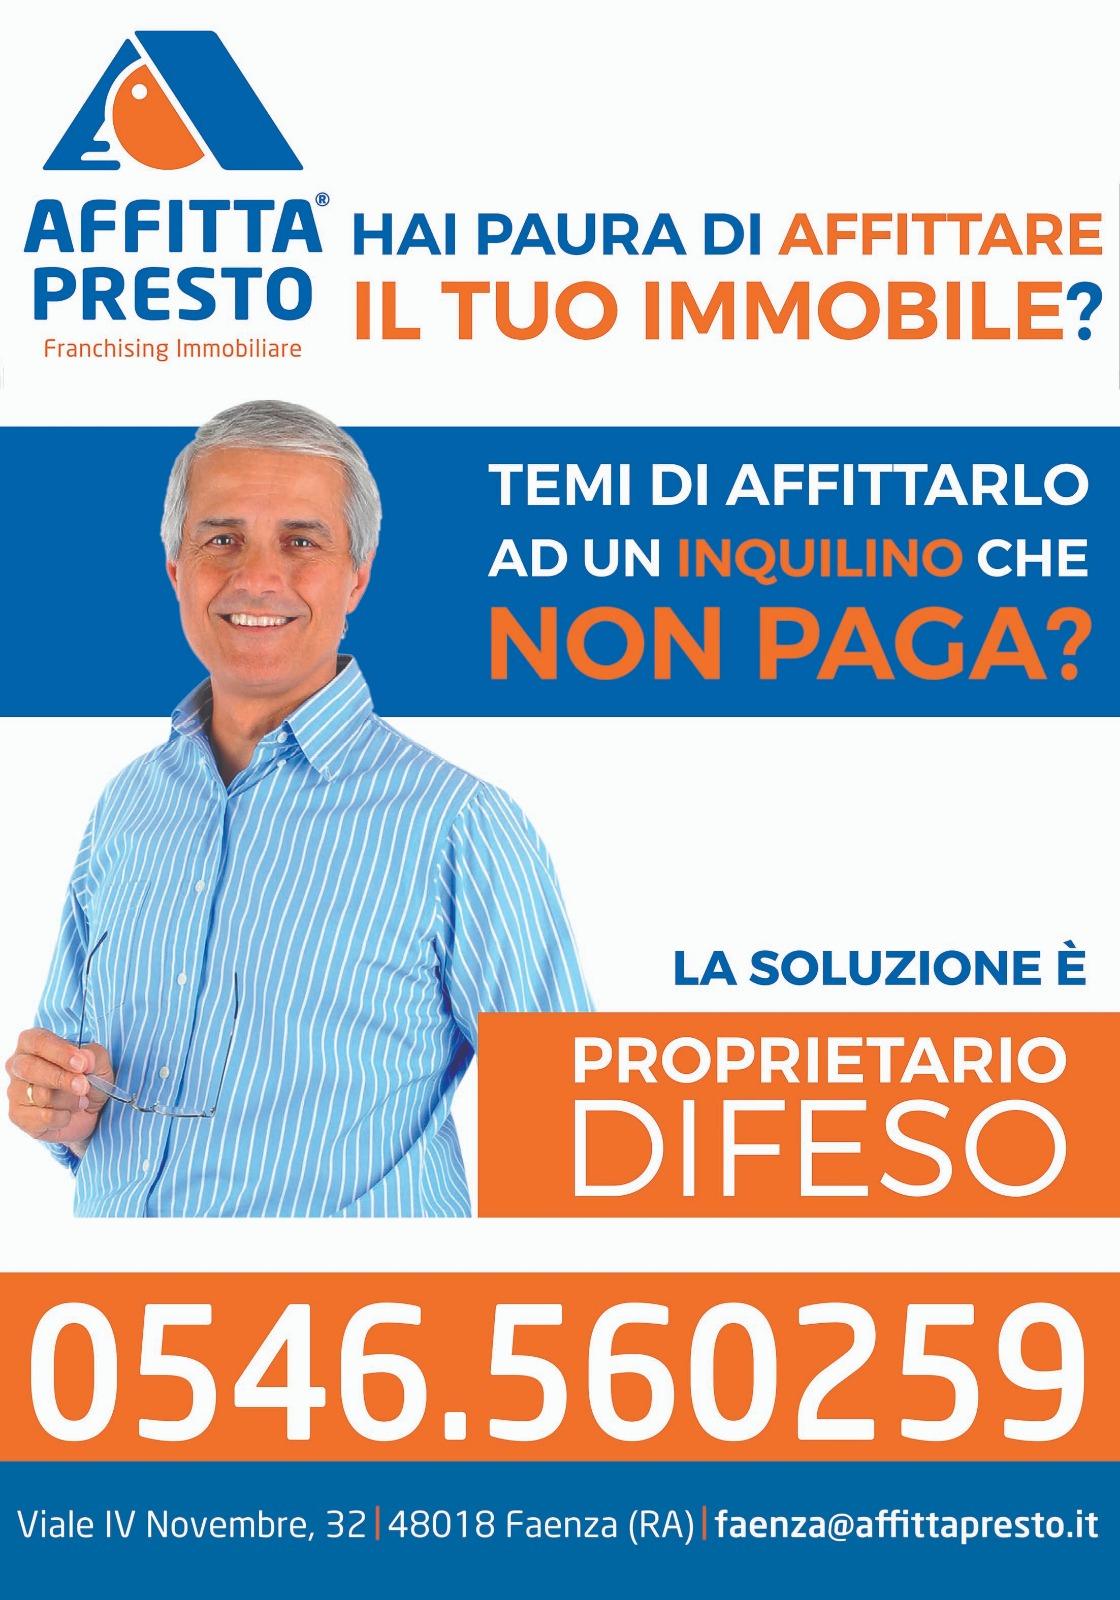 Trilocale in vendita, Faenza porta imolese